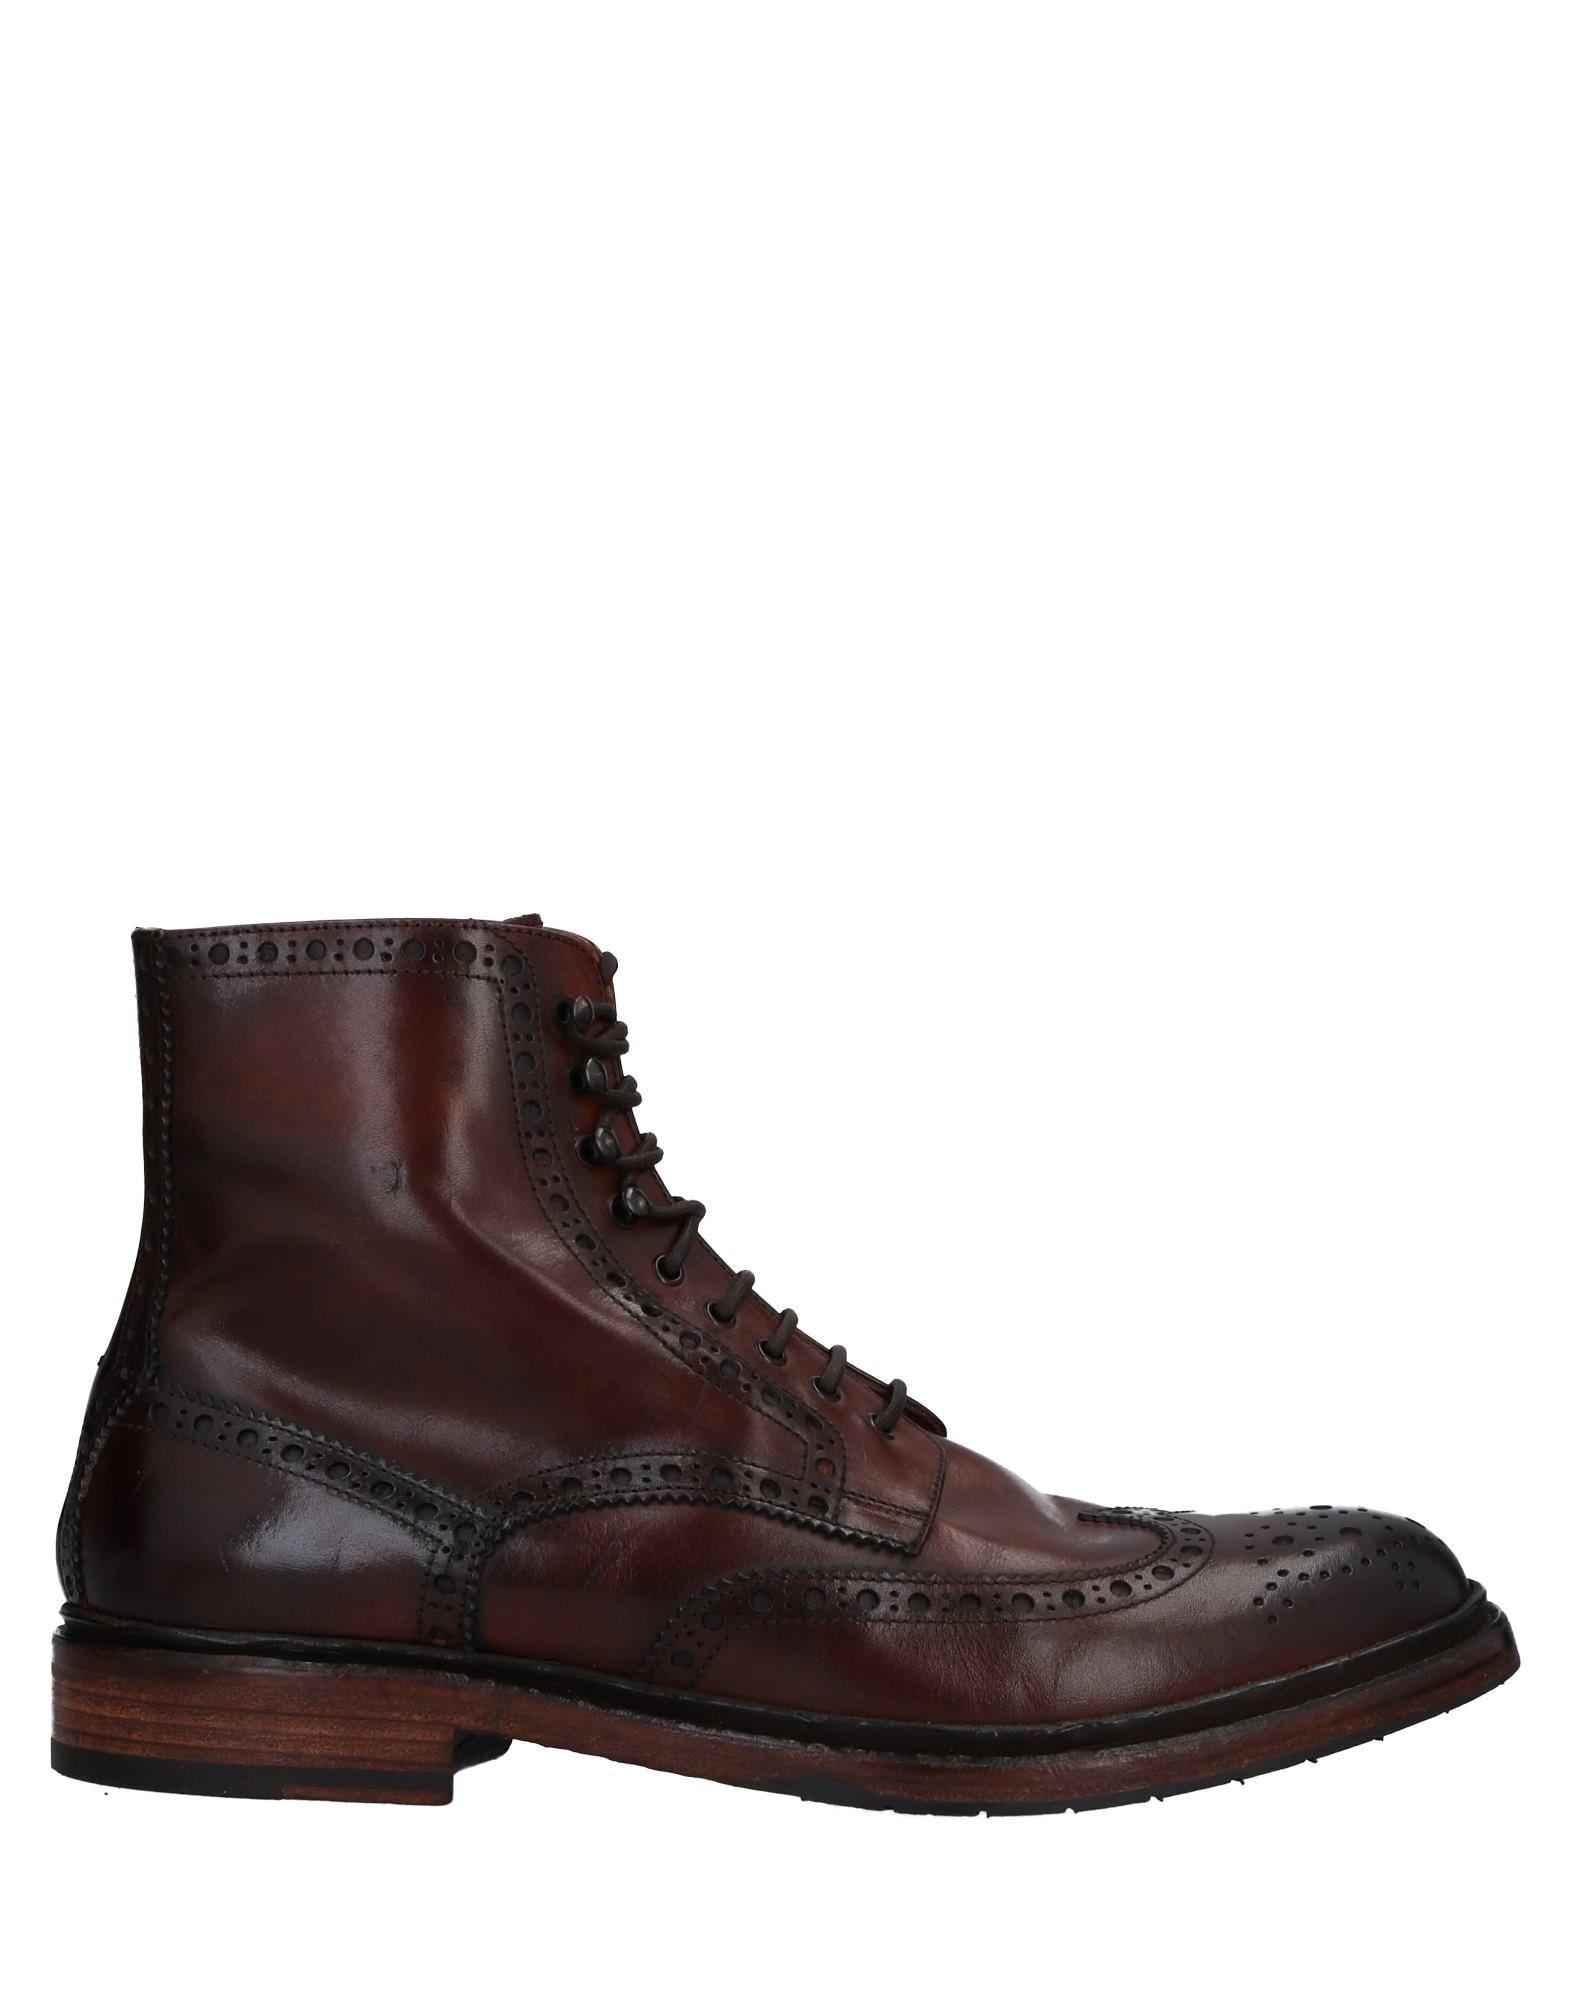 Pantanetti Stiefelette Herren  11511961MG Gute Qualität beliebte Schuhe